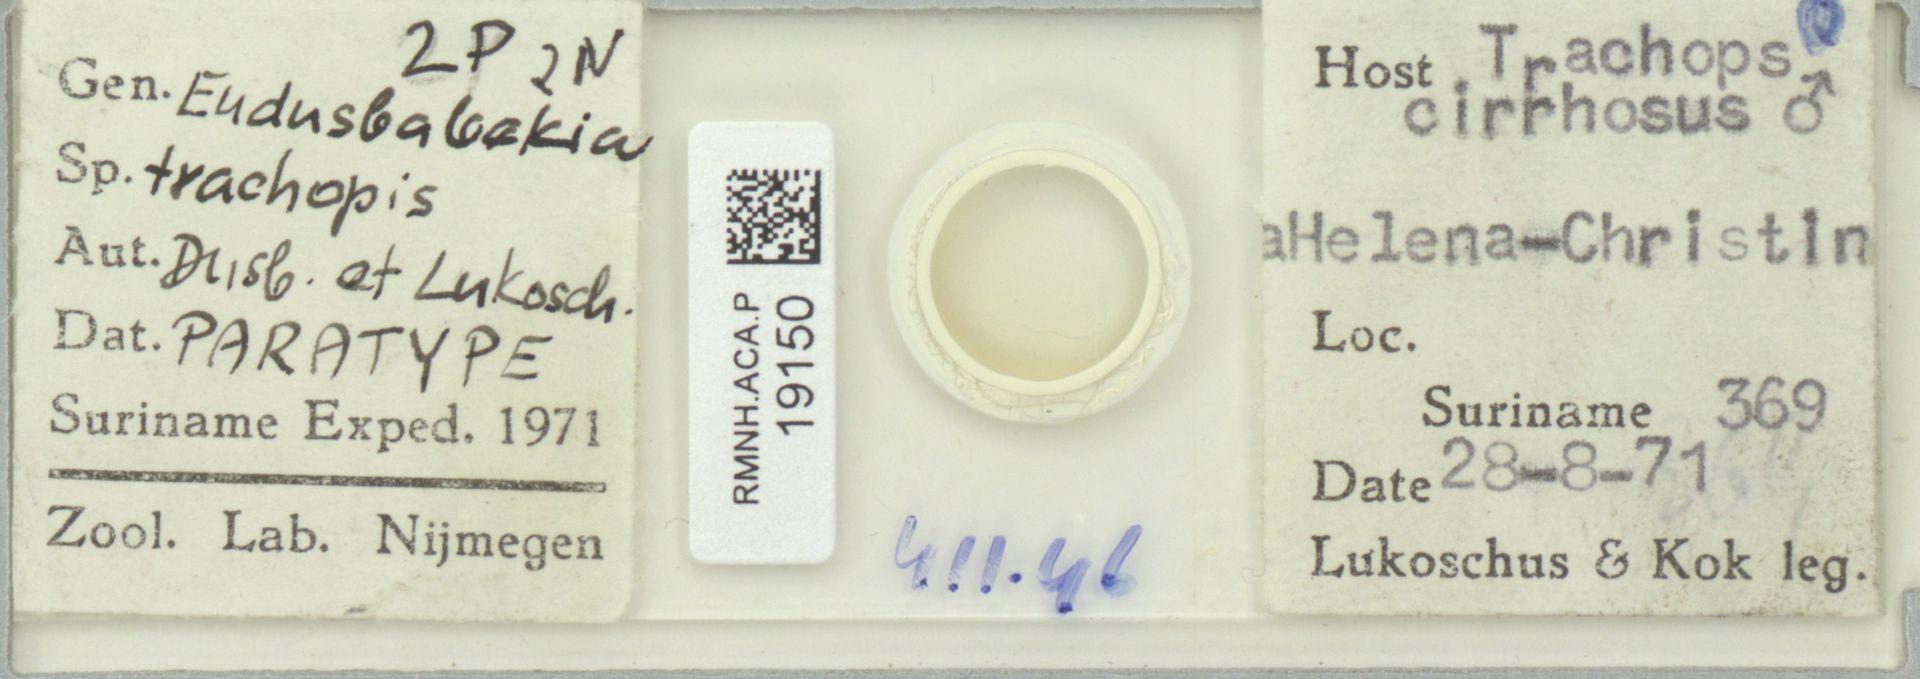 RMNH.ACA.P.19150 | Eudusbabekia trachopis